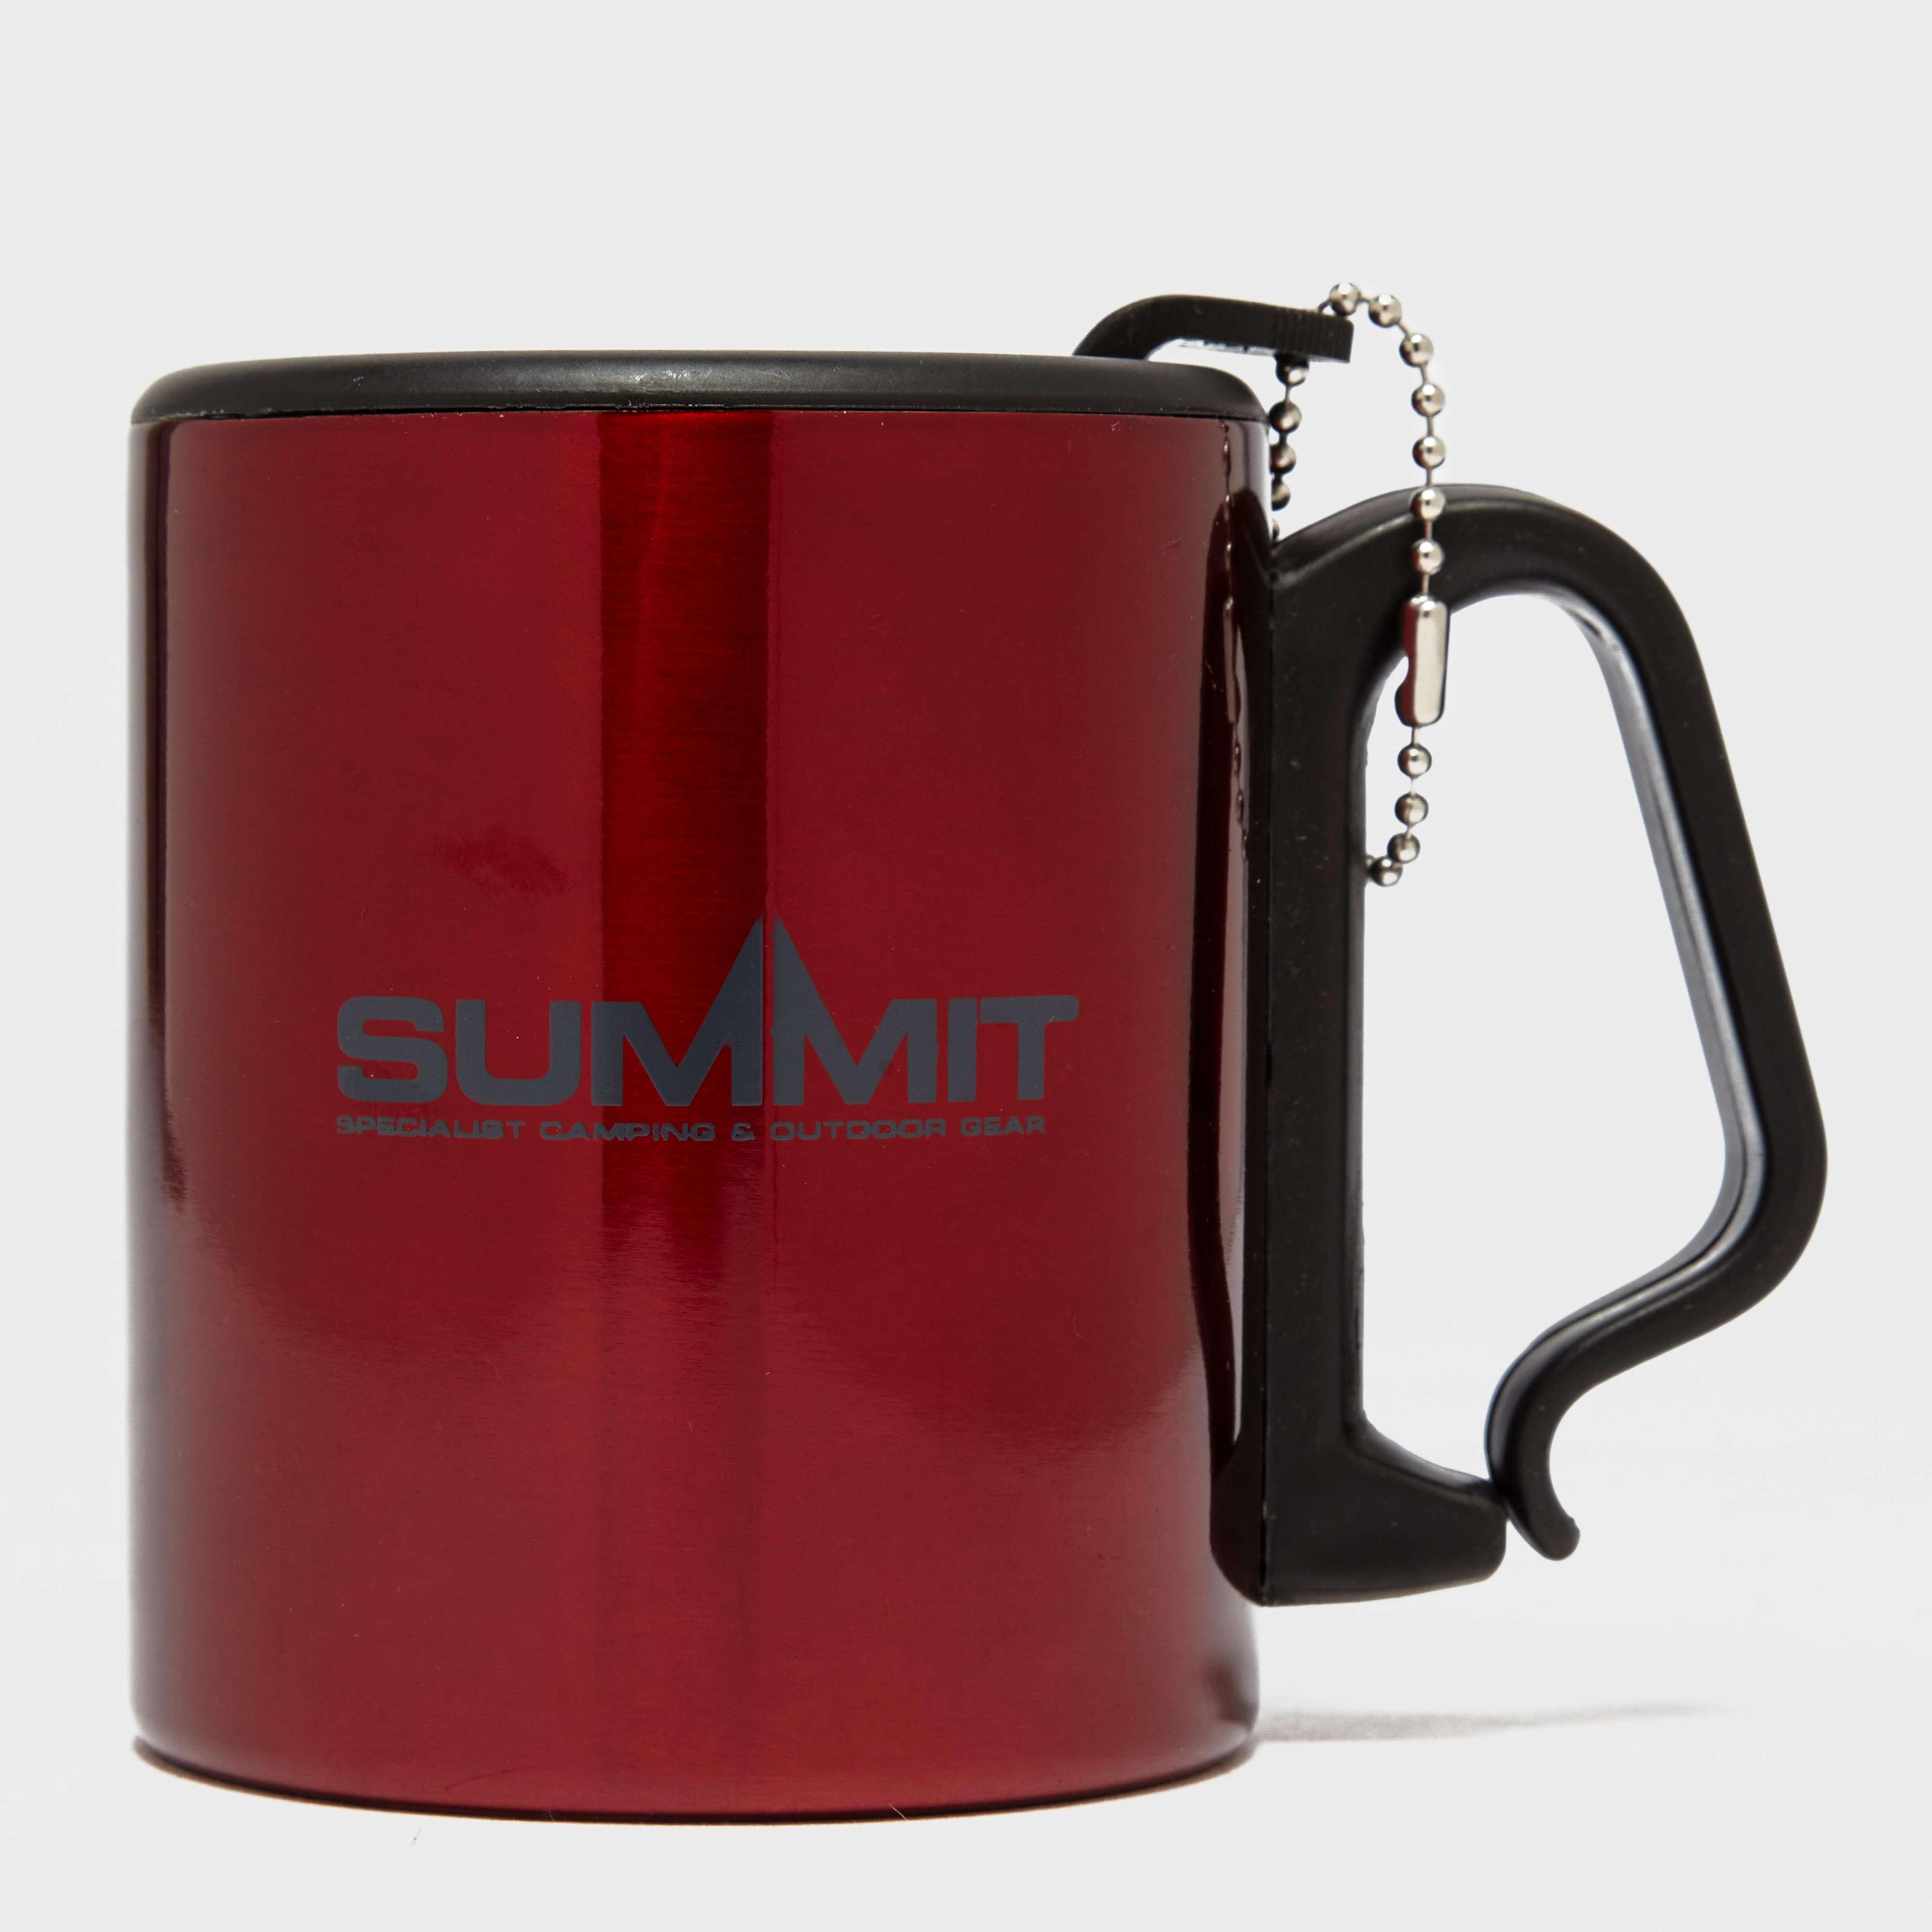 SUMMIT Stainless Steel Lid Clip Mug